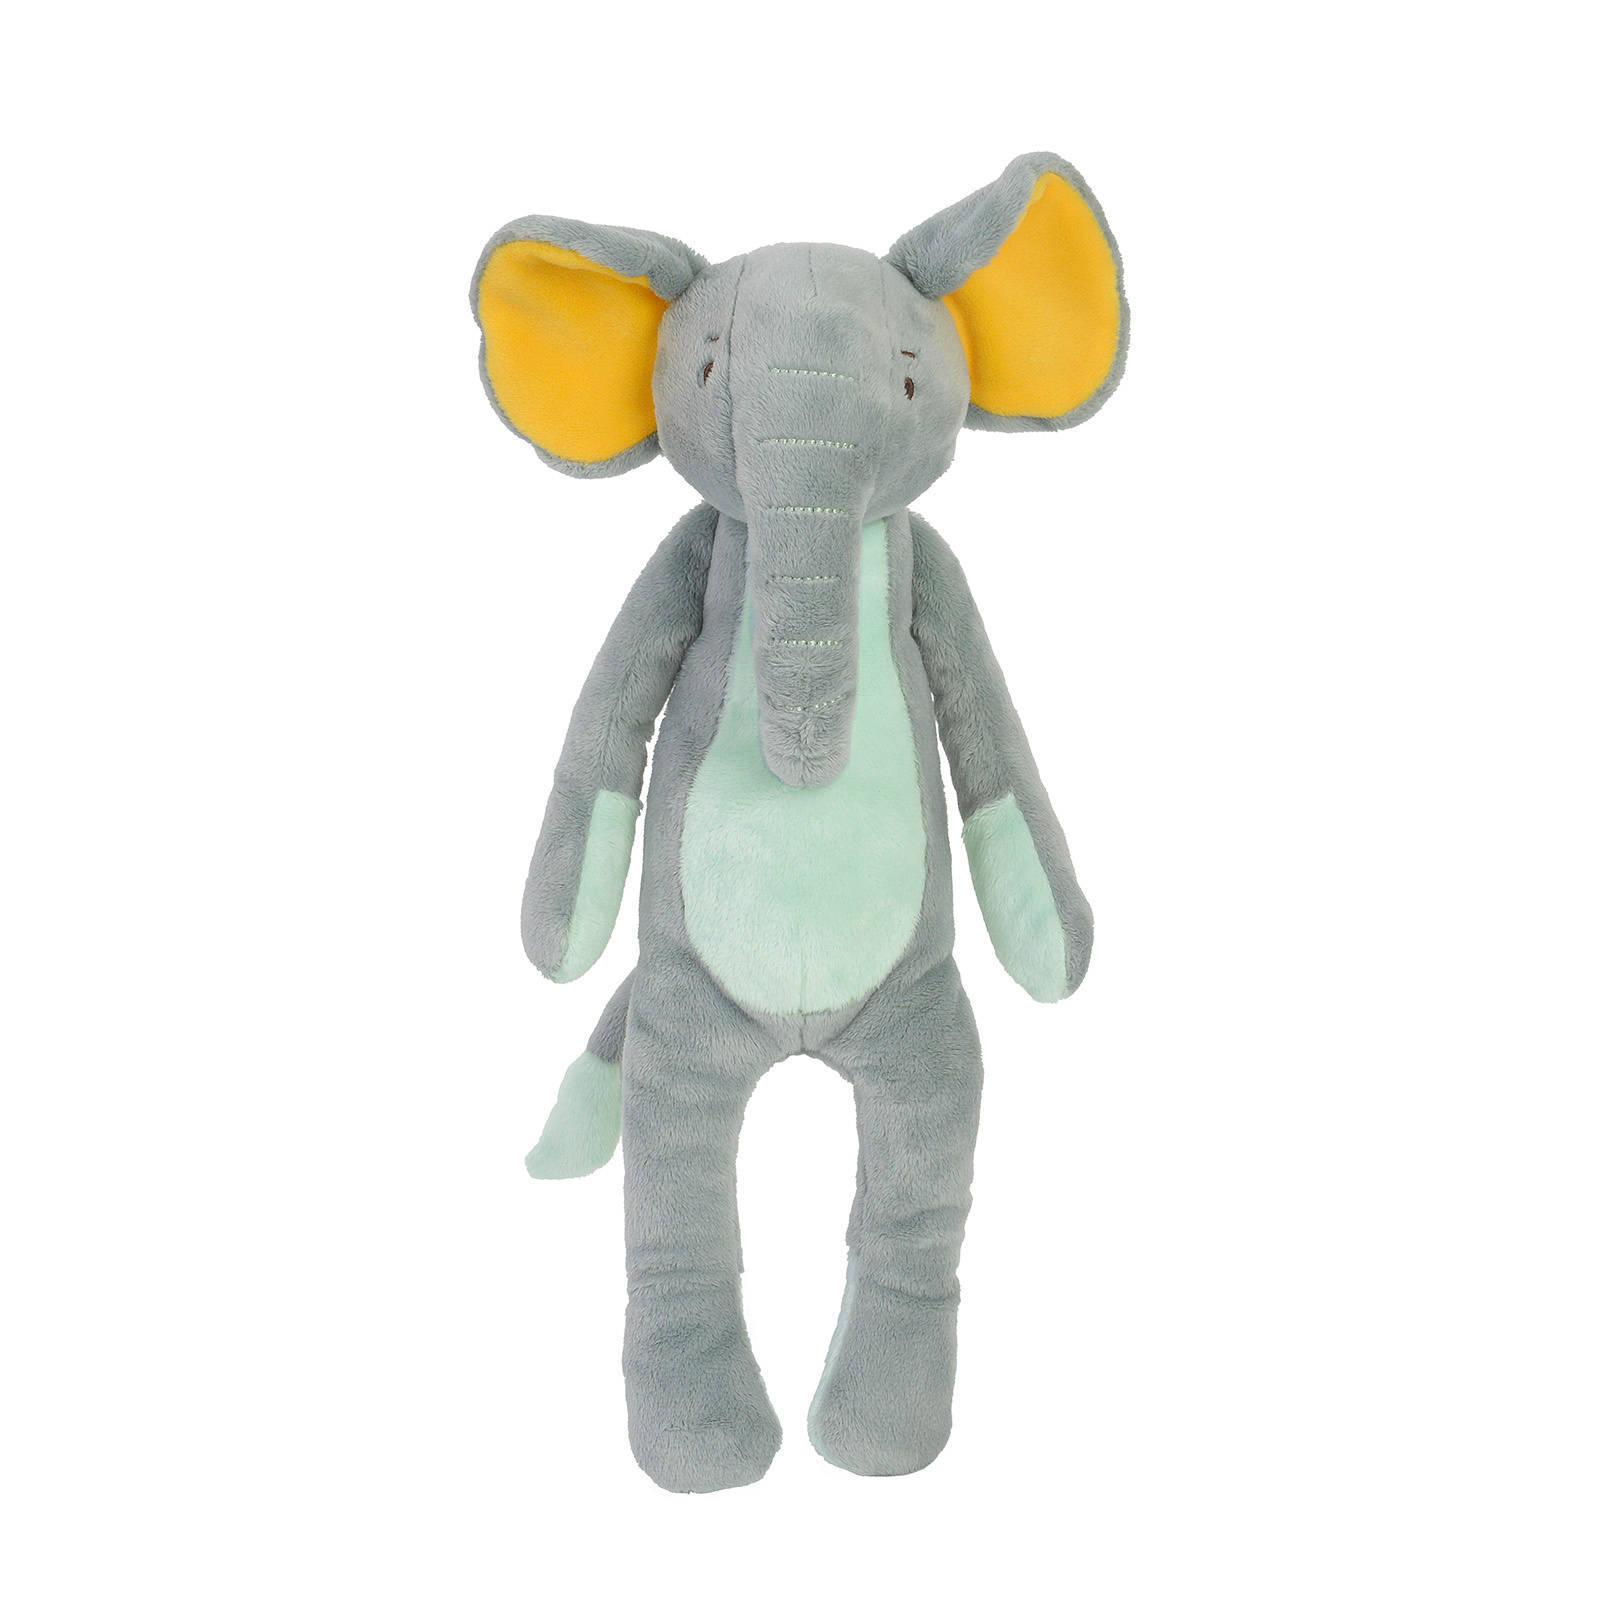 Plüsch Elefant Stofftier Kuscheltier stonegreen 30 cm